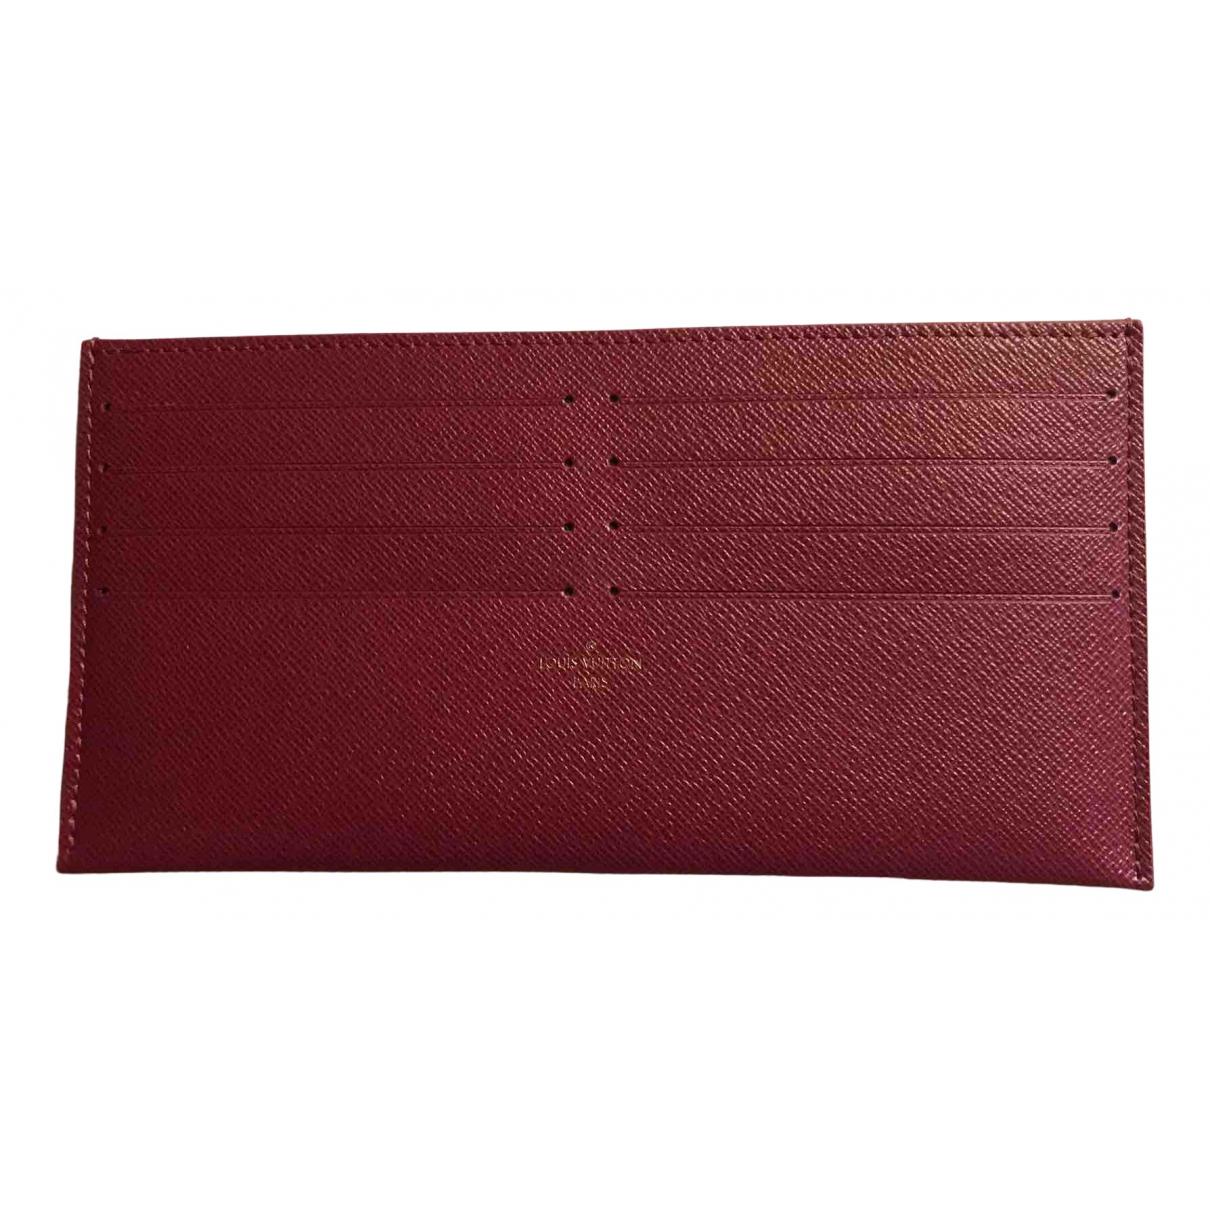 Louis Vuitton - Petite maroquinerie   pour femme en toile - bordeaux